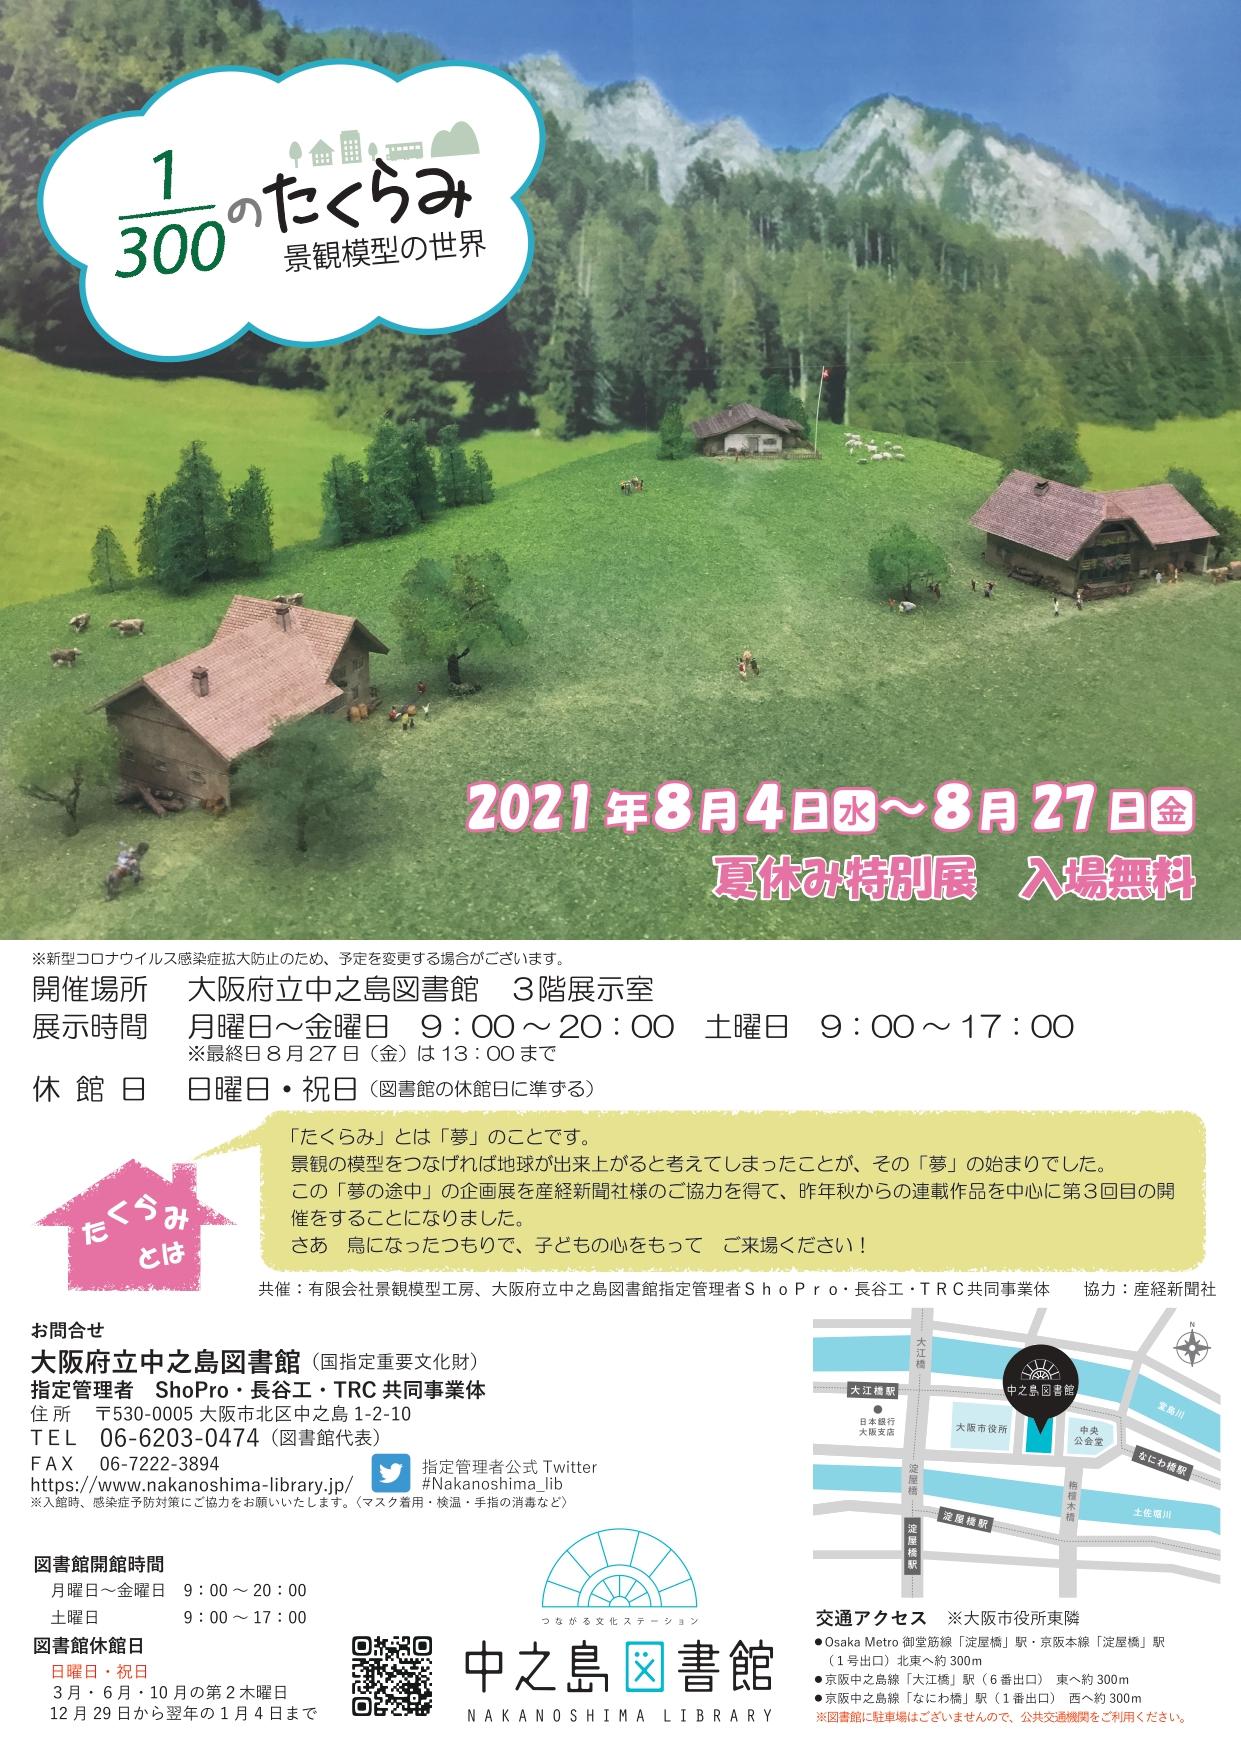 8月4日(水)~27日(金)1/300のたくらみ 景観模型の世界